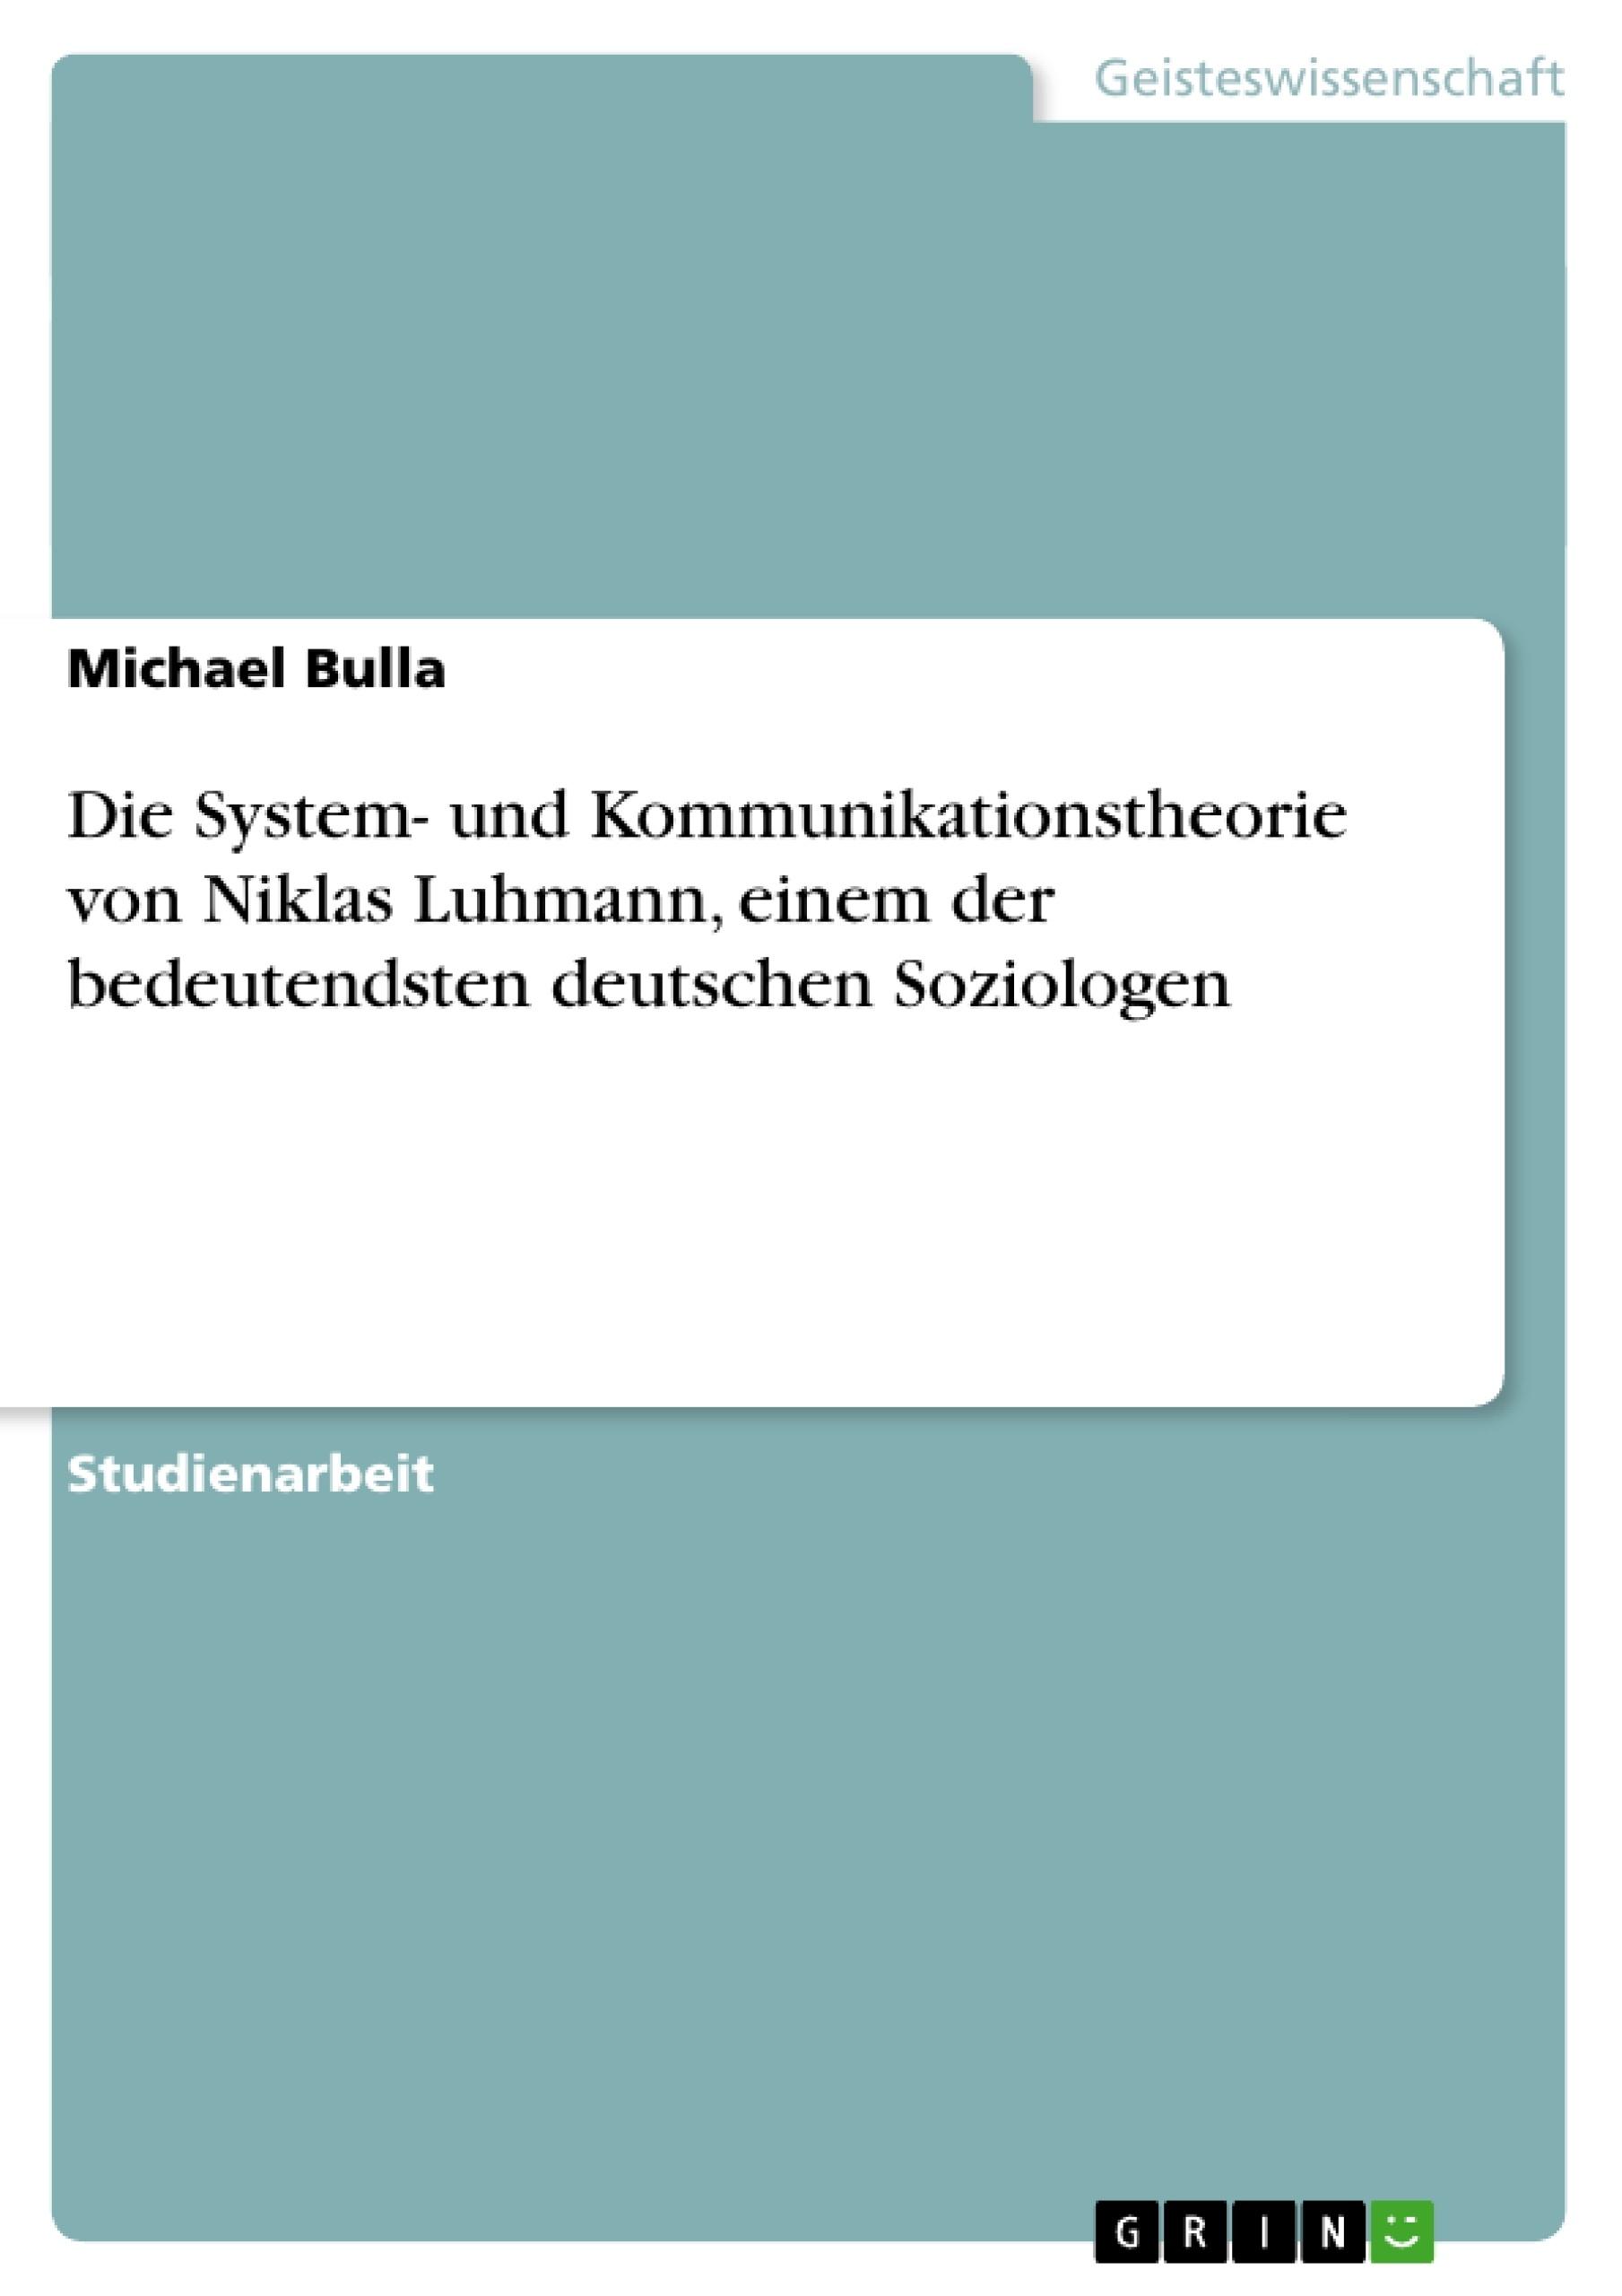 Titel: Die System- und Kommunikationstheorie von Niklas Luhmann, einem der bedeutendsten deutschen Soziologen